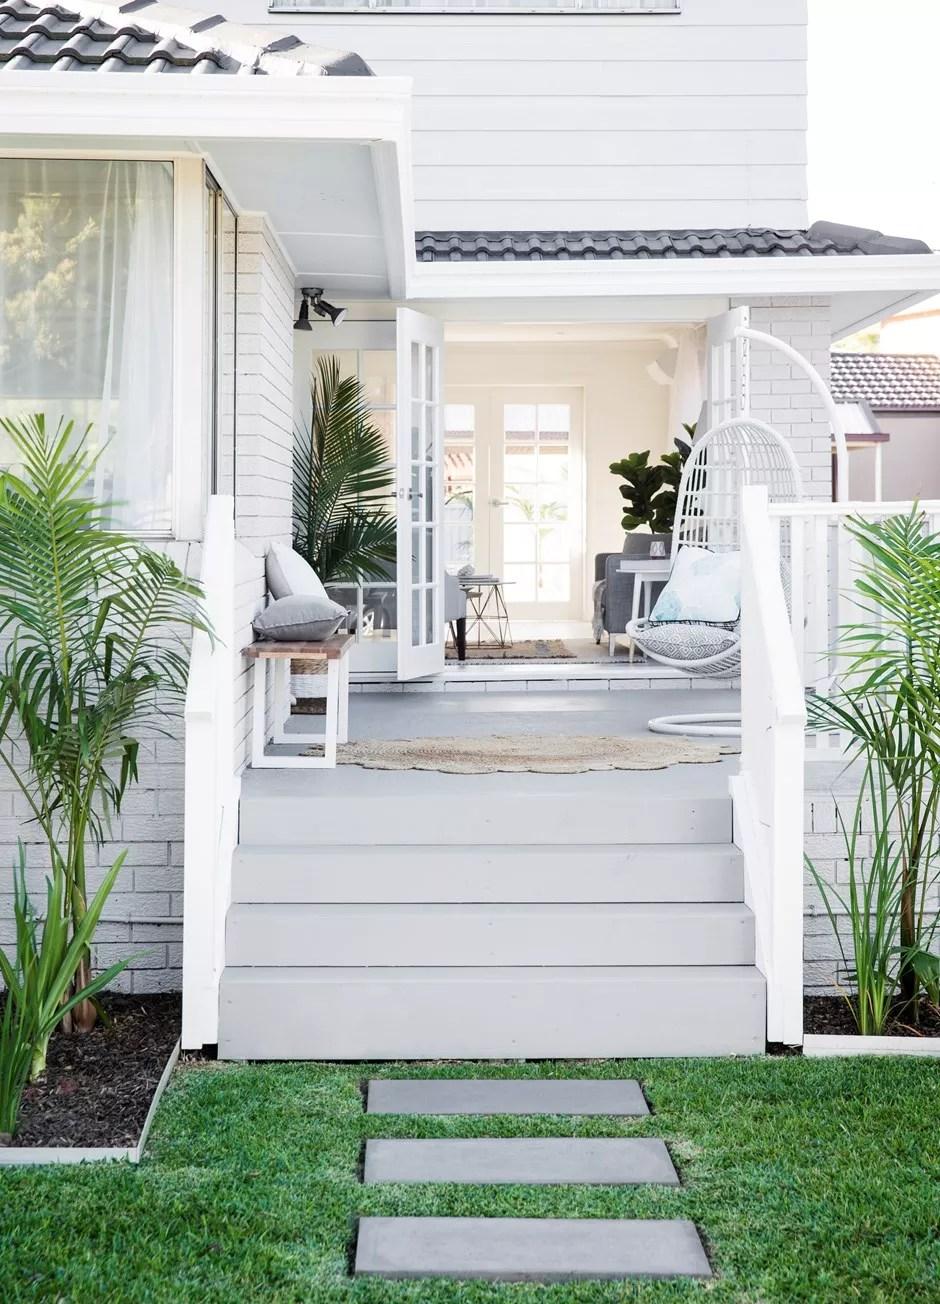 Binnenkijken | Licht huis in Hamptons stijl - woonblog StijlvolStyling.com